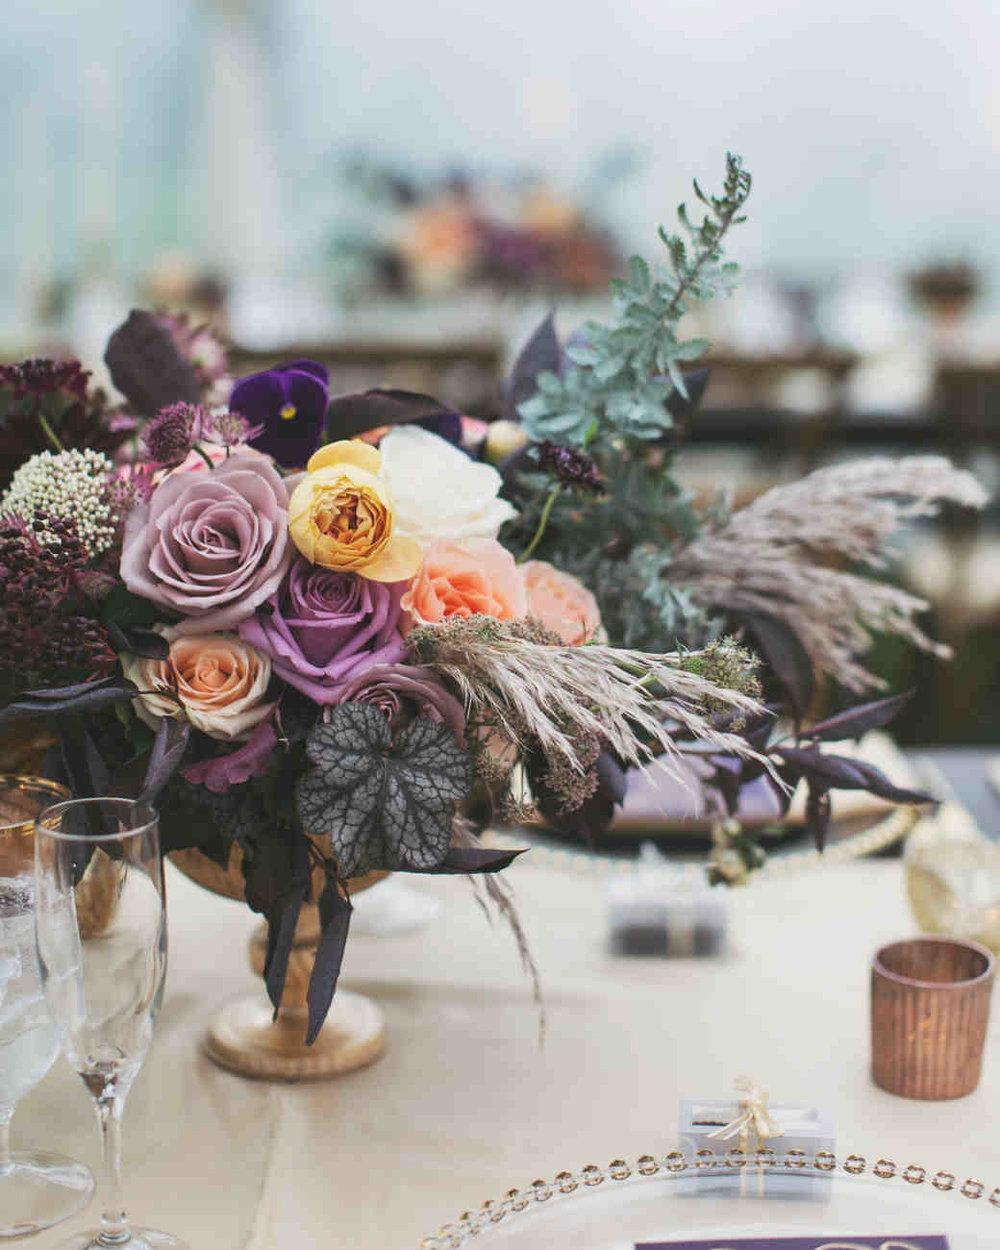 sara-matt-wedding-centerpiece-1506-s111990-0715_vert.jpg